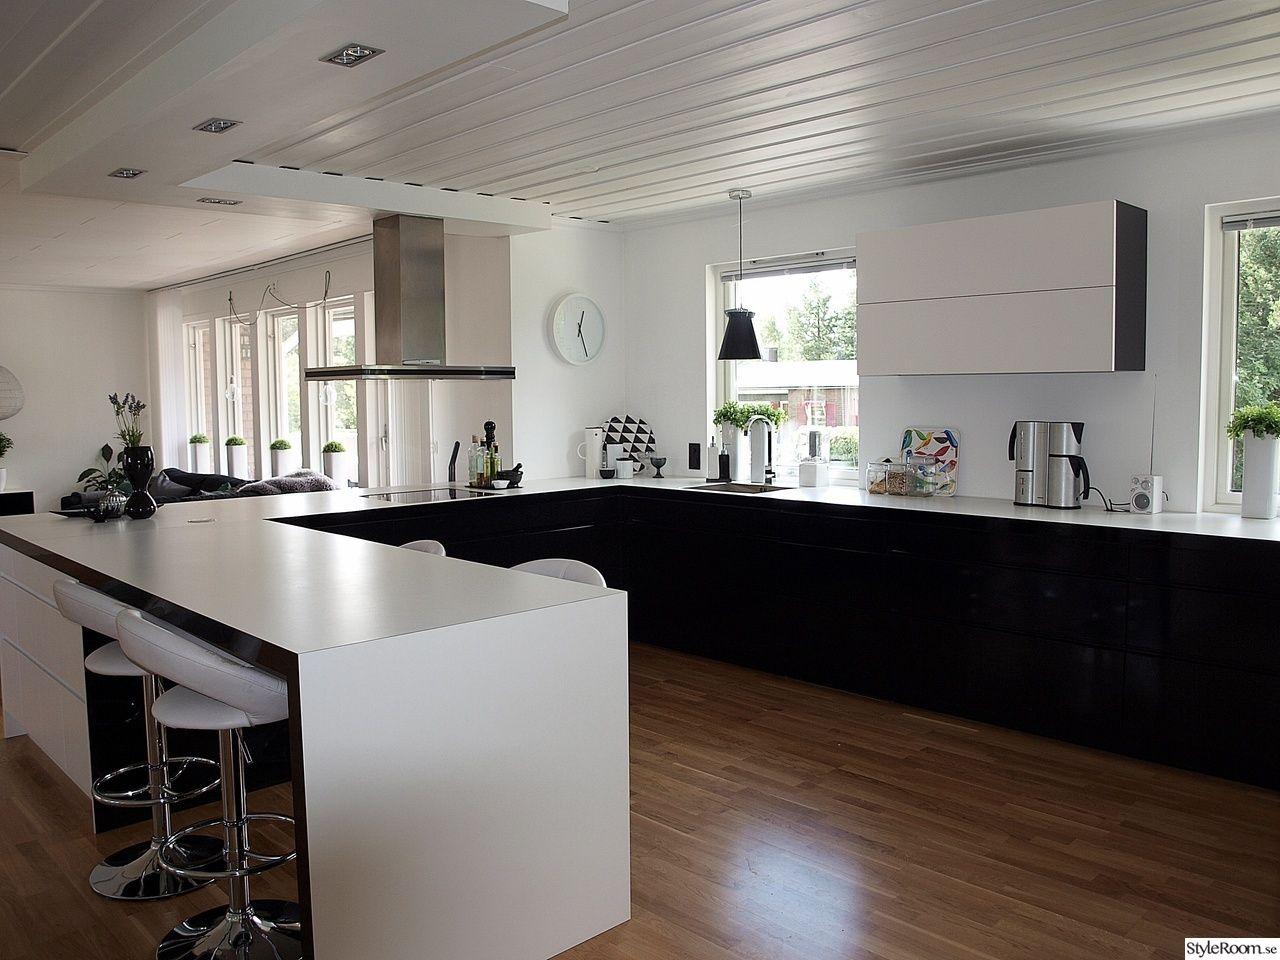 Kök köksfläkt installation : KÖK - Smart förvaring och sittbänk i lindblomsgrönt   Ballingslöv ...